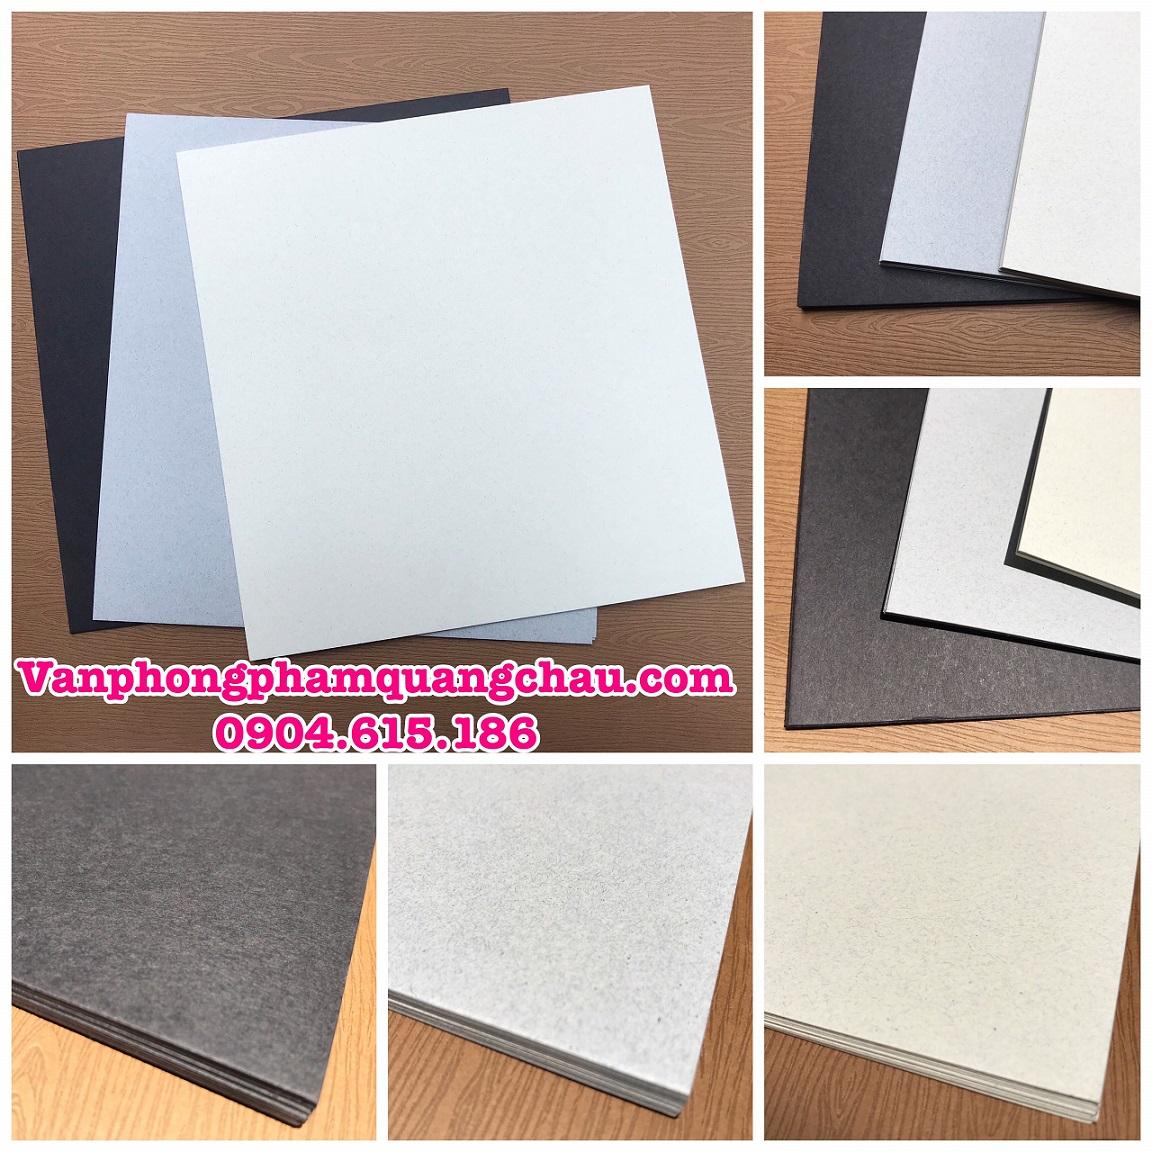 Giấy bìa làm nền Scrapbook, Album - Định lượng 350gsm (KT: 25cm x 24cm) - Set 10 tờ_GHM118